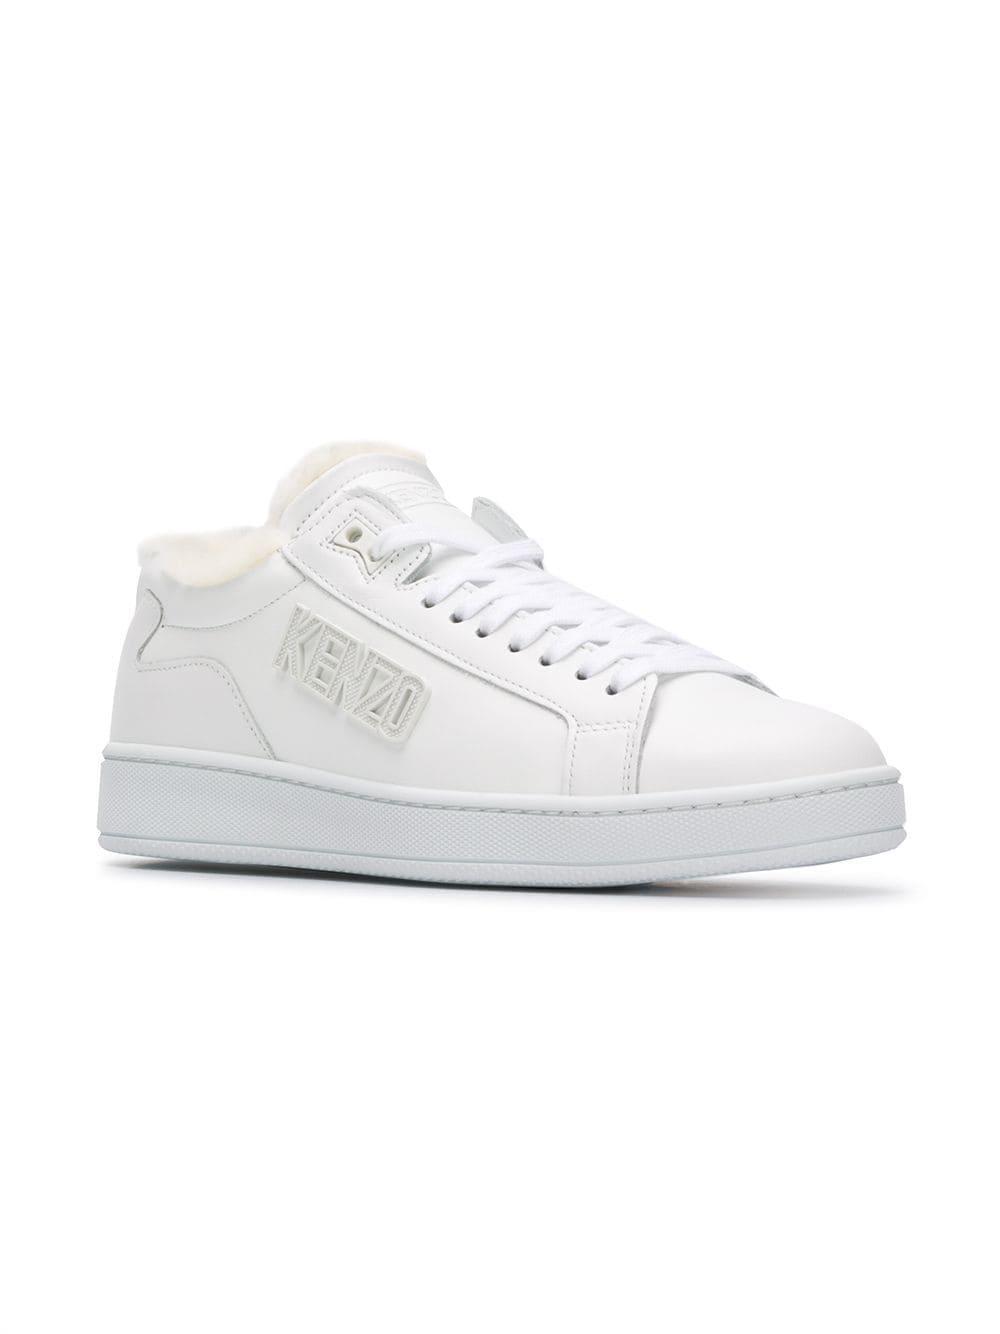 dcd2cbfebd19 KENZO Tennix Sneakers in White - Lyst